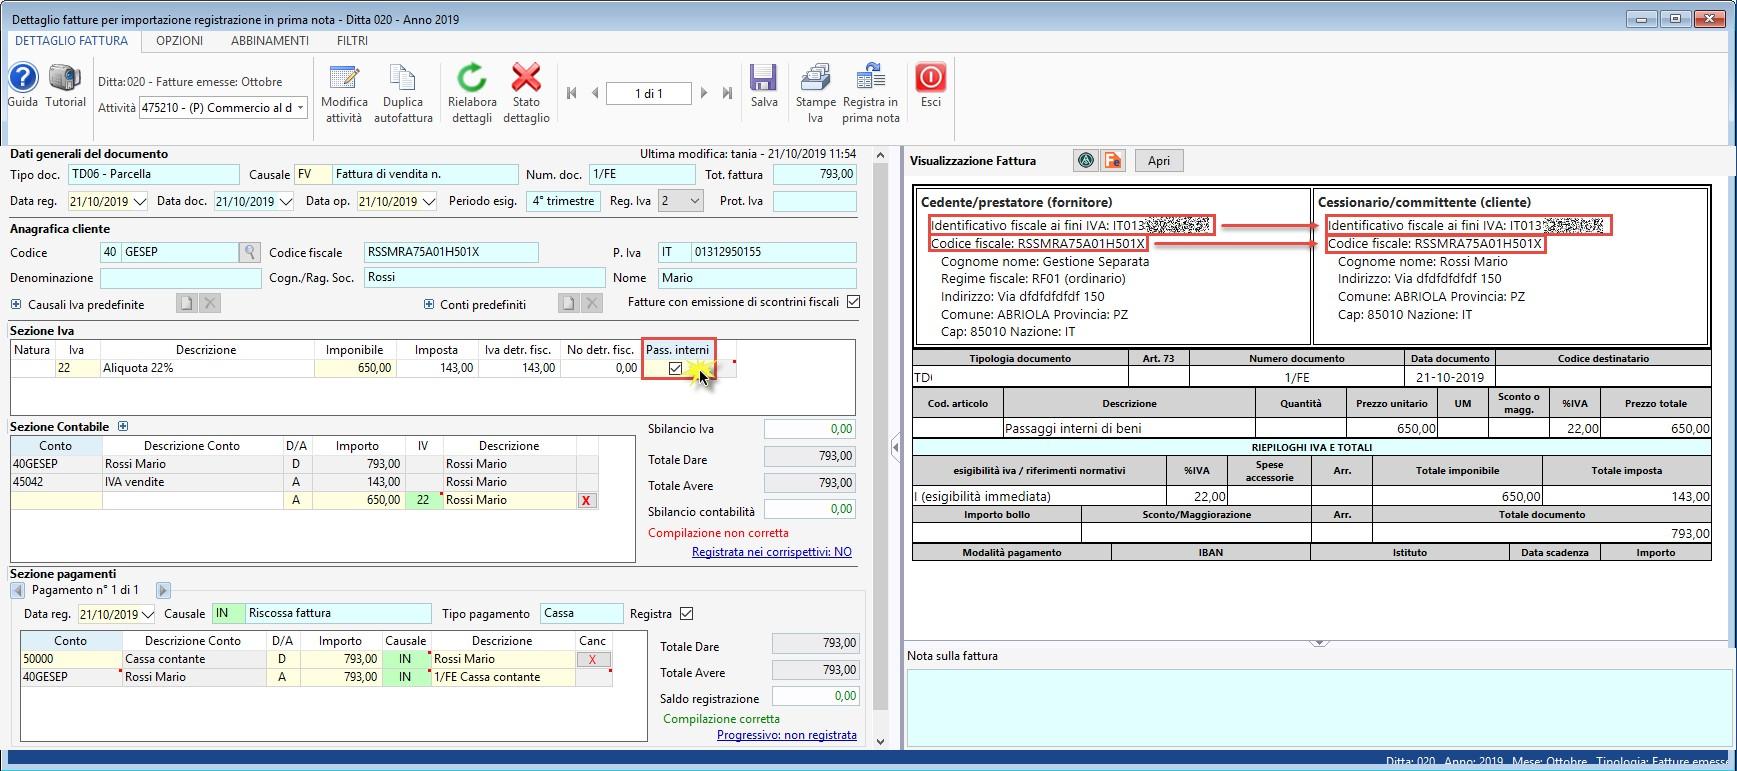 Contabilità separata: registrazione passaggi interni - 1